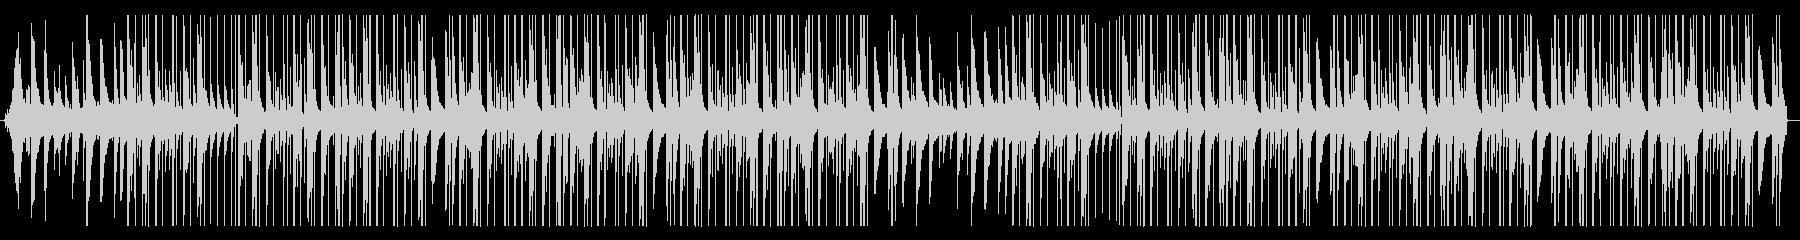 ローファイ、チルアウト、ピアノの未再生の波形